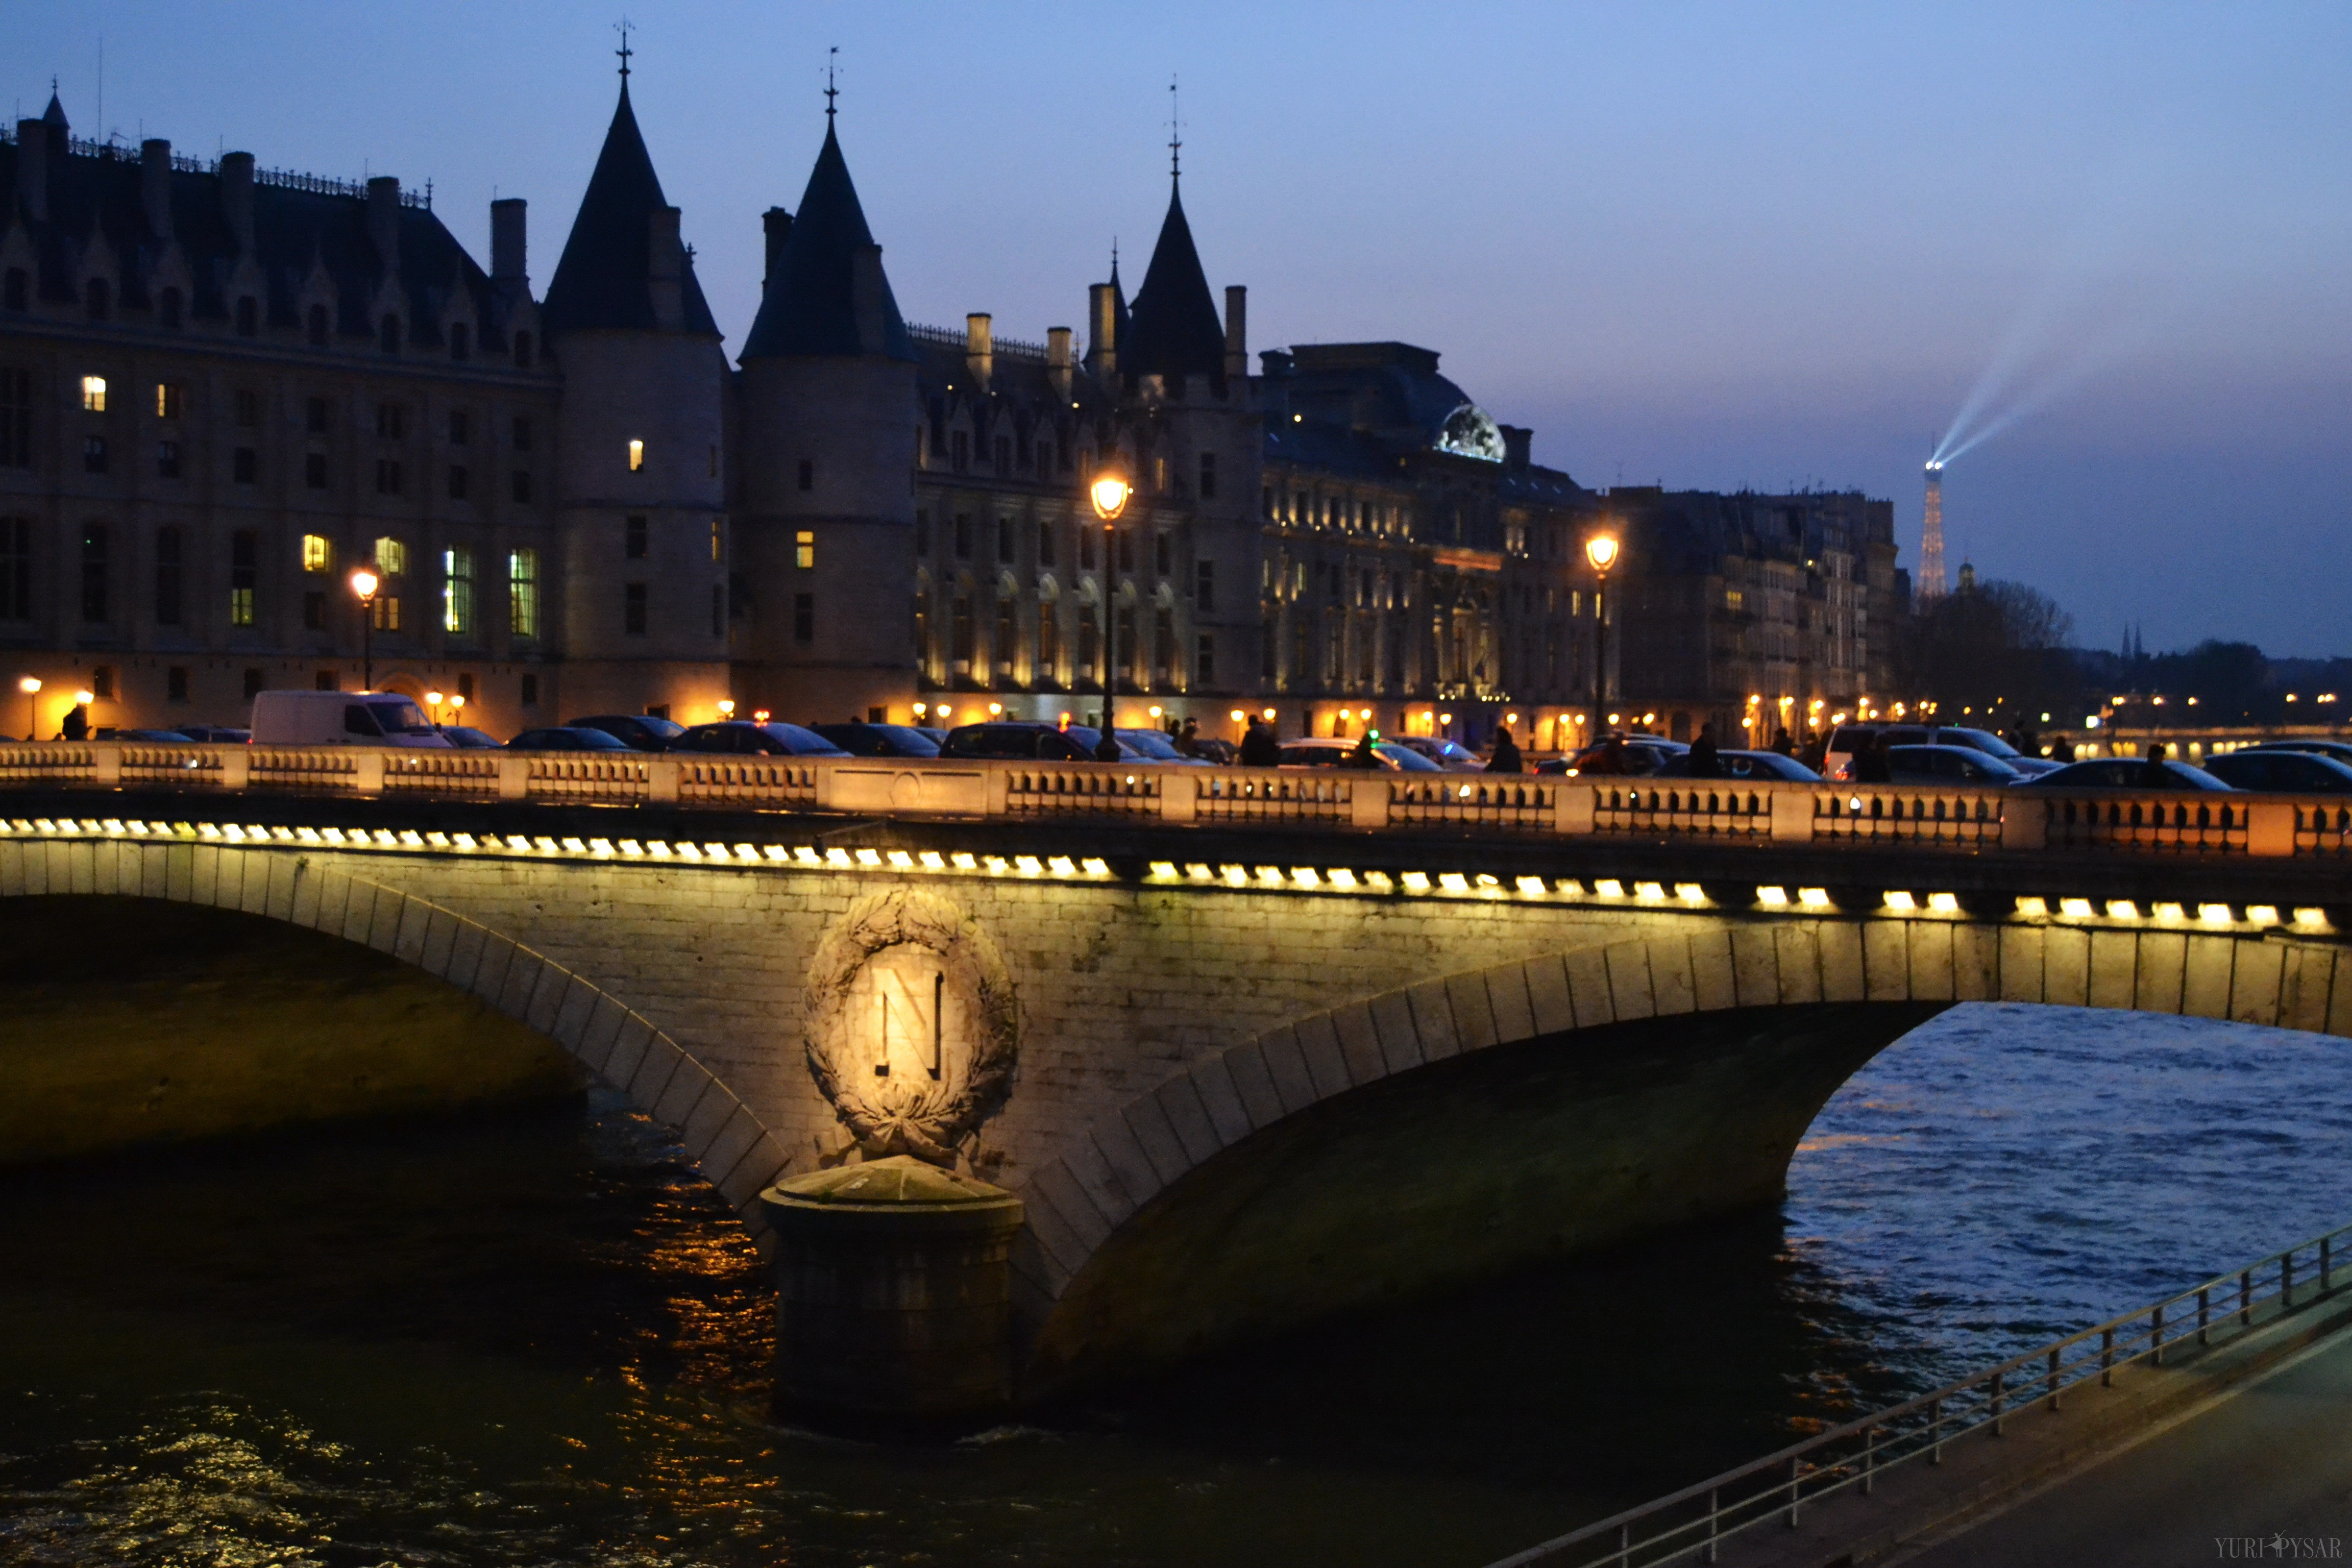 pont au change in paris